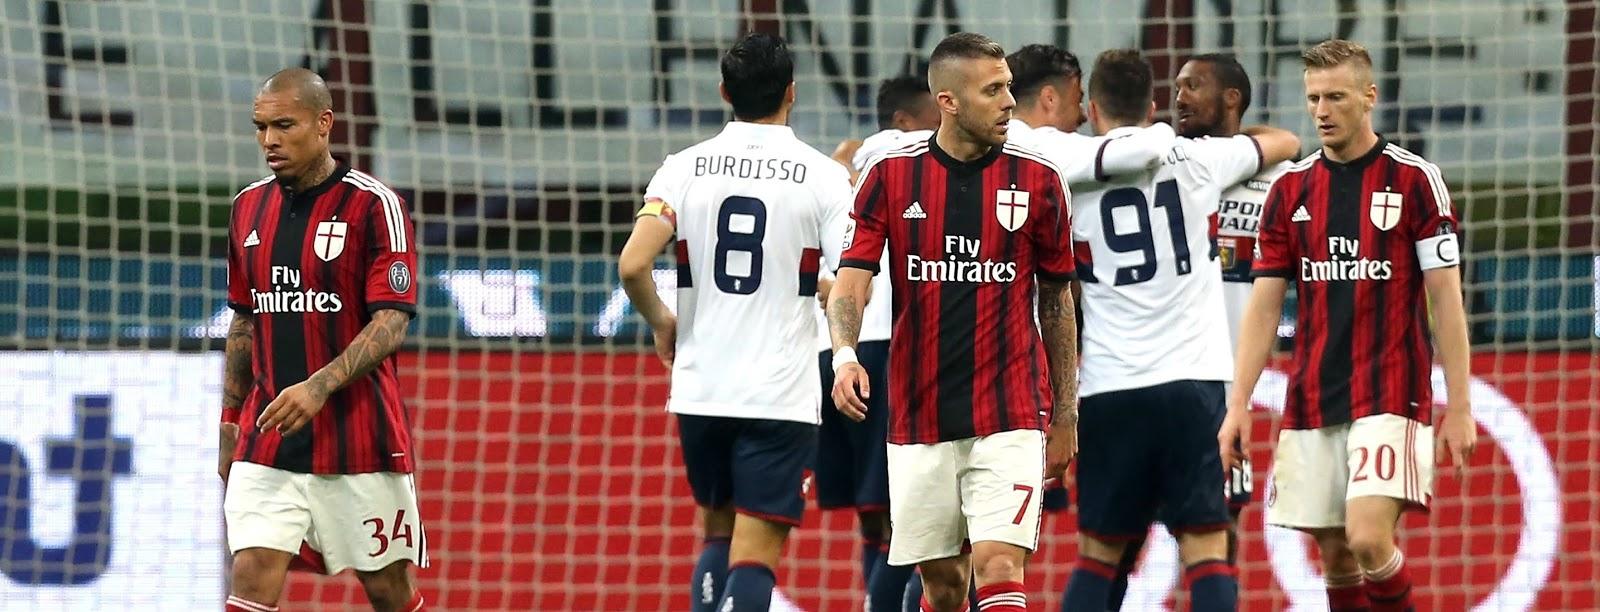 مشاهدة مباراة ميلان وجنوى بث مباشر 31-10-2018 الدوري الايطالي